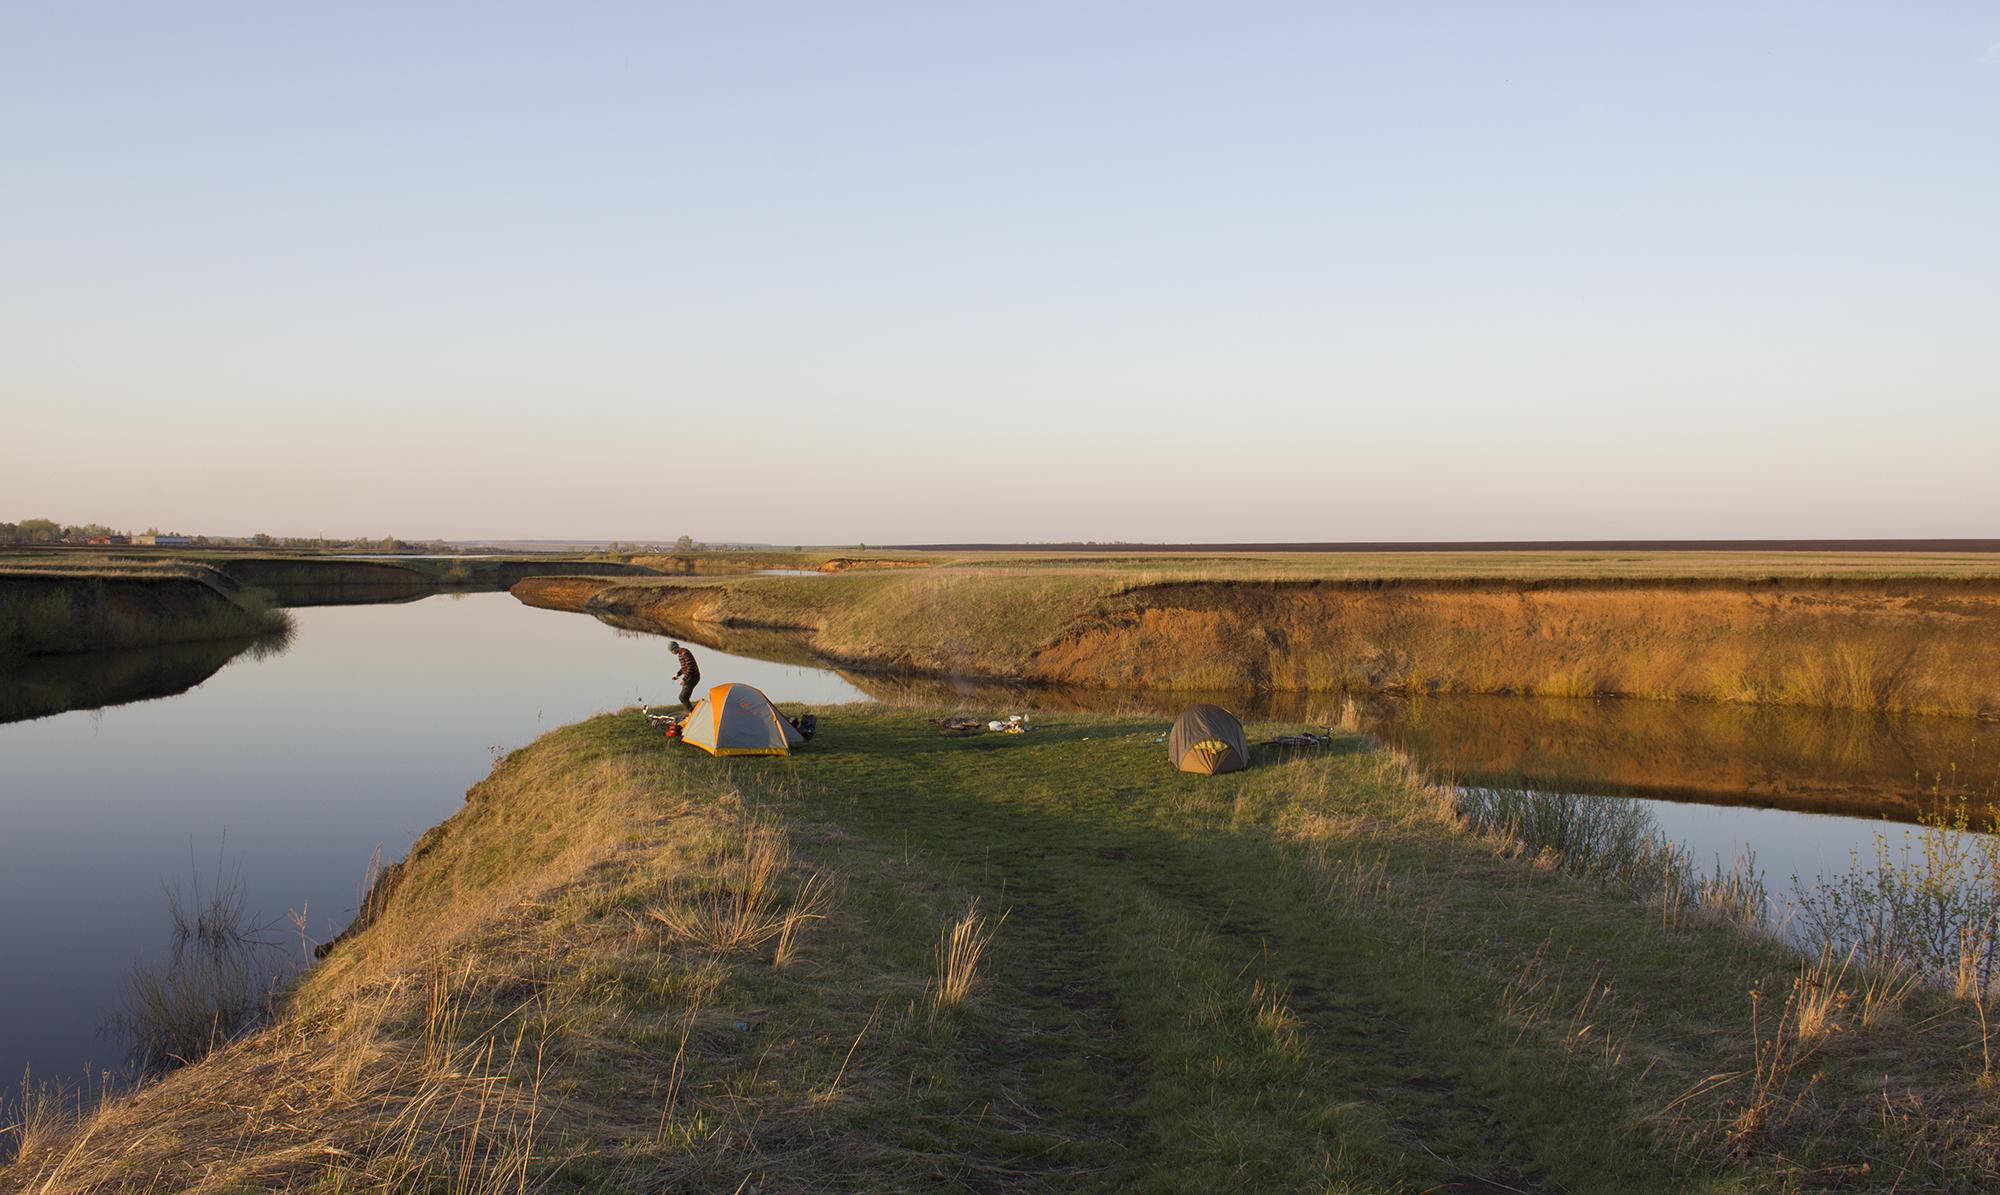 Volga Bashkortostan